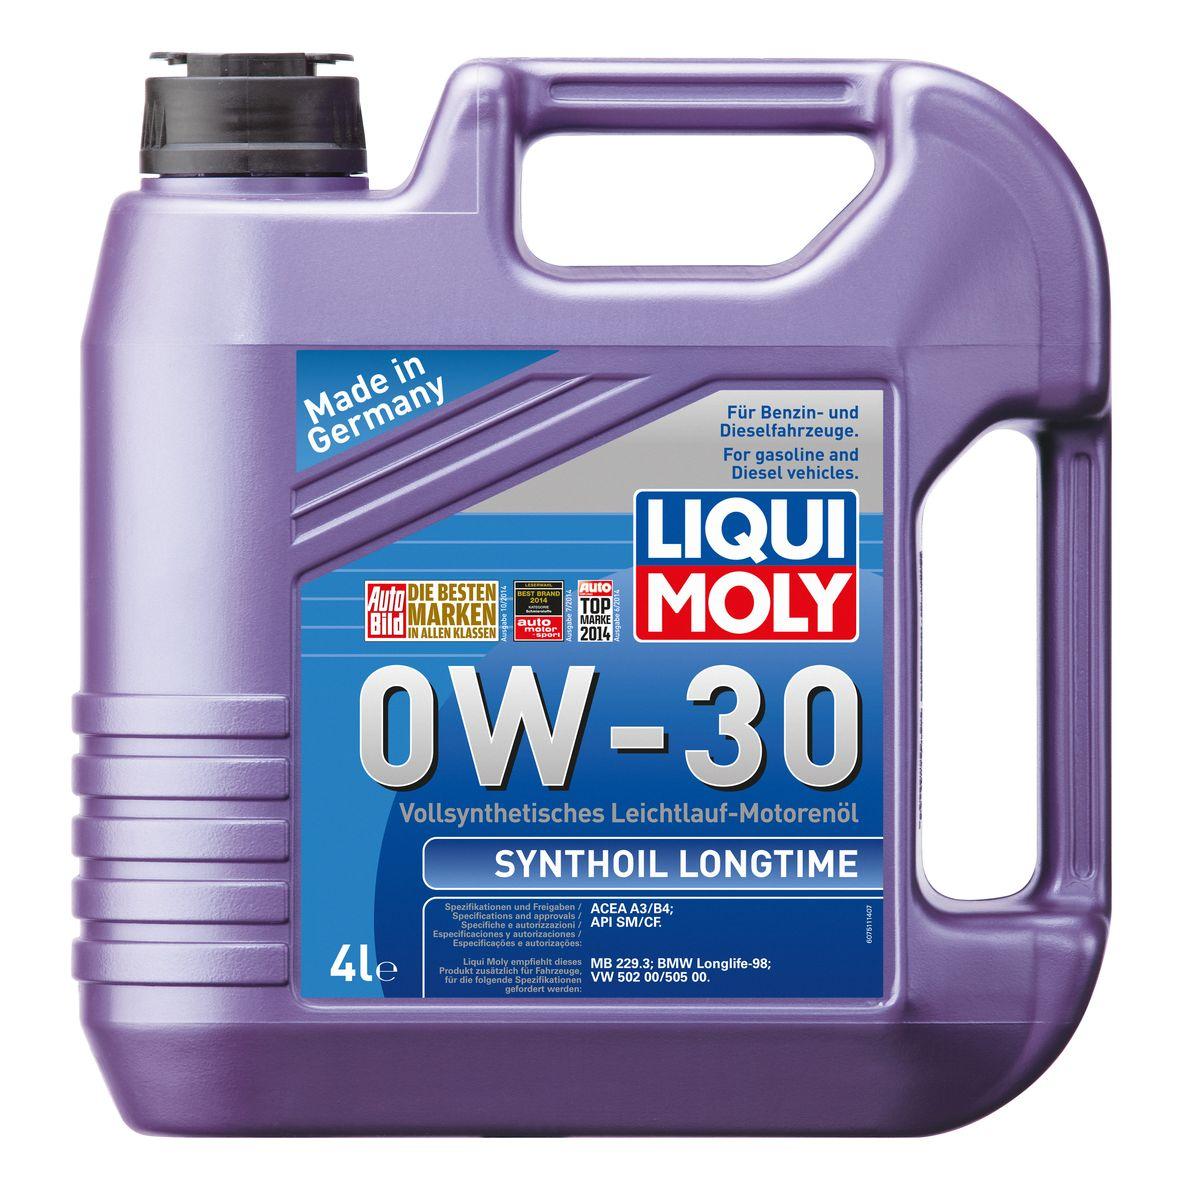 Масло моторное Liqui Moly Synthoil Longtime, синтетическое, 0W-30, 4 л7511Масло моторное Liqui Moly Synthoil Longtime - 100% синтетическое универсальное моторное масло на базе полиальфаолефинов (ПАО) для большинства автомобилей, для которых требования к маслам опираются на международные классификации API и ACEA. Класс вязкости 0W-30 моторного масла на ПАО-базе оптимален для эксплуатации в холодных условиях, обеспечивая уверенный пуск двигателя даже в сильный мороз и высокий уровень энергосбережения (и экономии топлива). Особенности: - Отличные пусковые свойства в мороз- Быстрое поступление масла ко всем деталям двигателя при низких температурах- Высокие показатели по экономии топлива- Высокая смазывающая способность- Замечательная термоокислительная стабильность и устойчивость к старению- Оптимальная чистота двигателя- Протестировано и совместимо с катализаторами и турбонаддувом- Высокая стабильность при высоких температурах- Очень низкий расход масла Допуск: -API: CF/SM-ACEA: A3/B4Соответствие: -BMW: Longlife-98-MB: 229.3-VW: 502 00/505 00